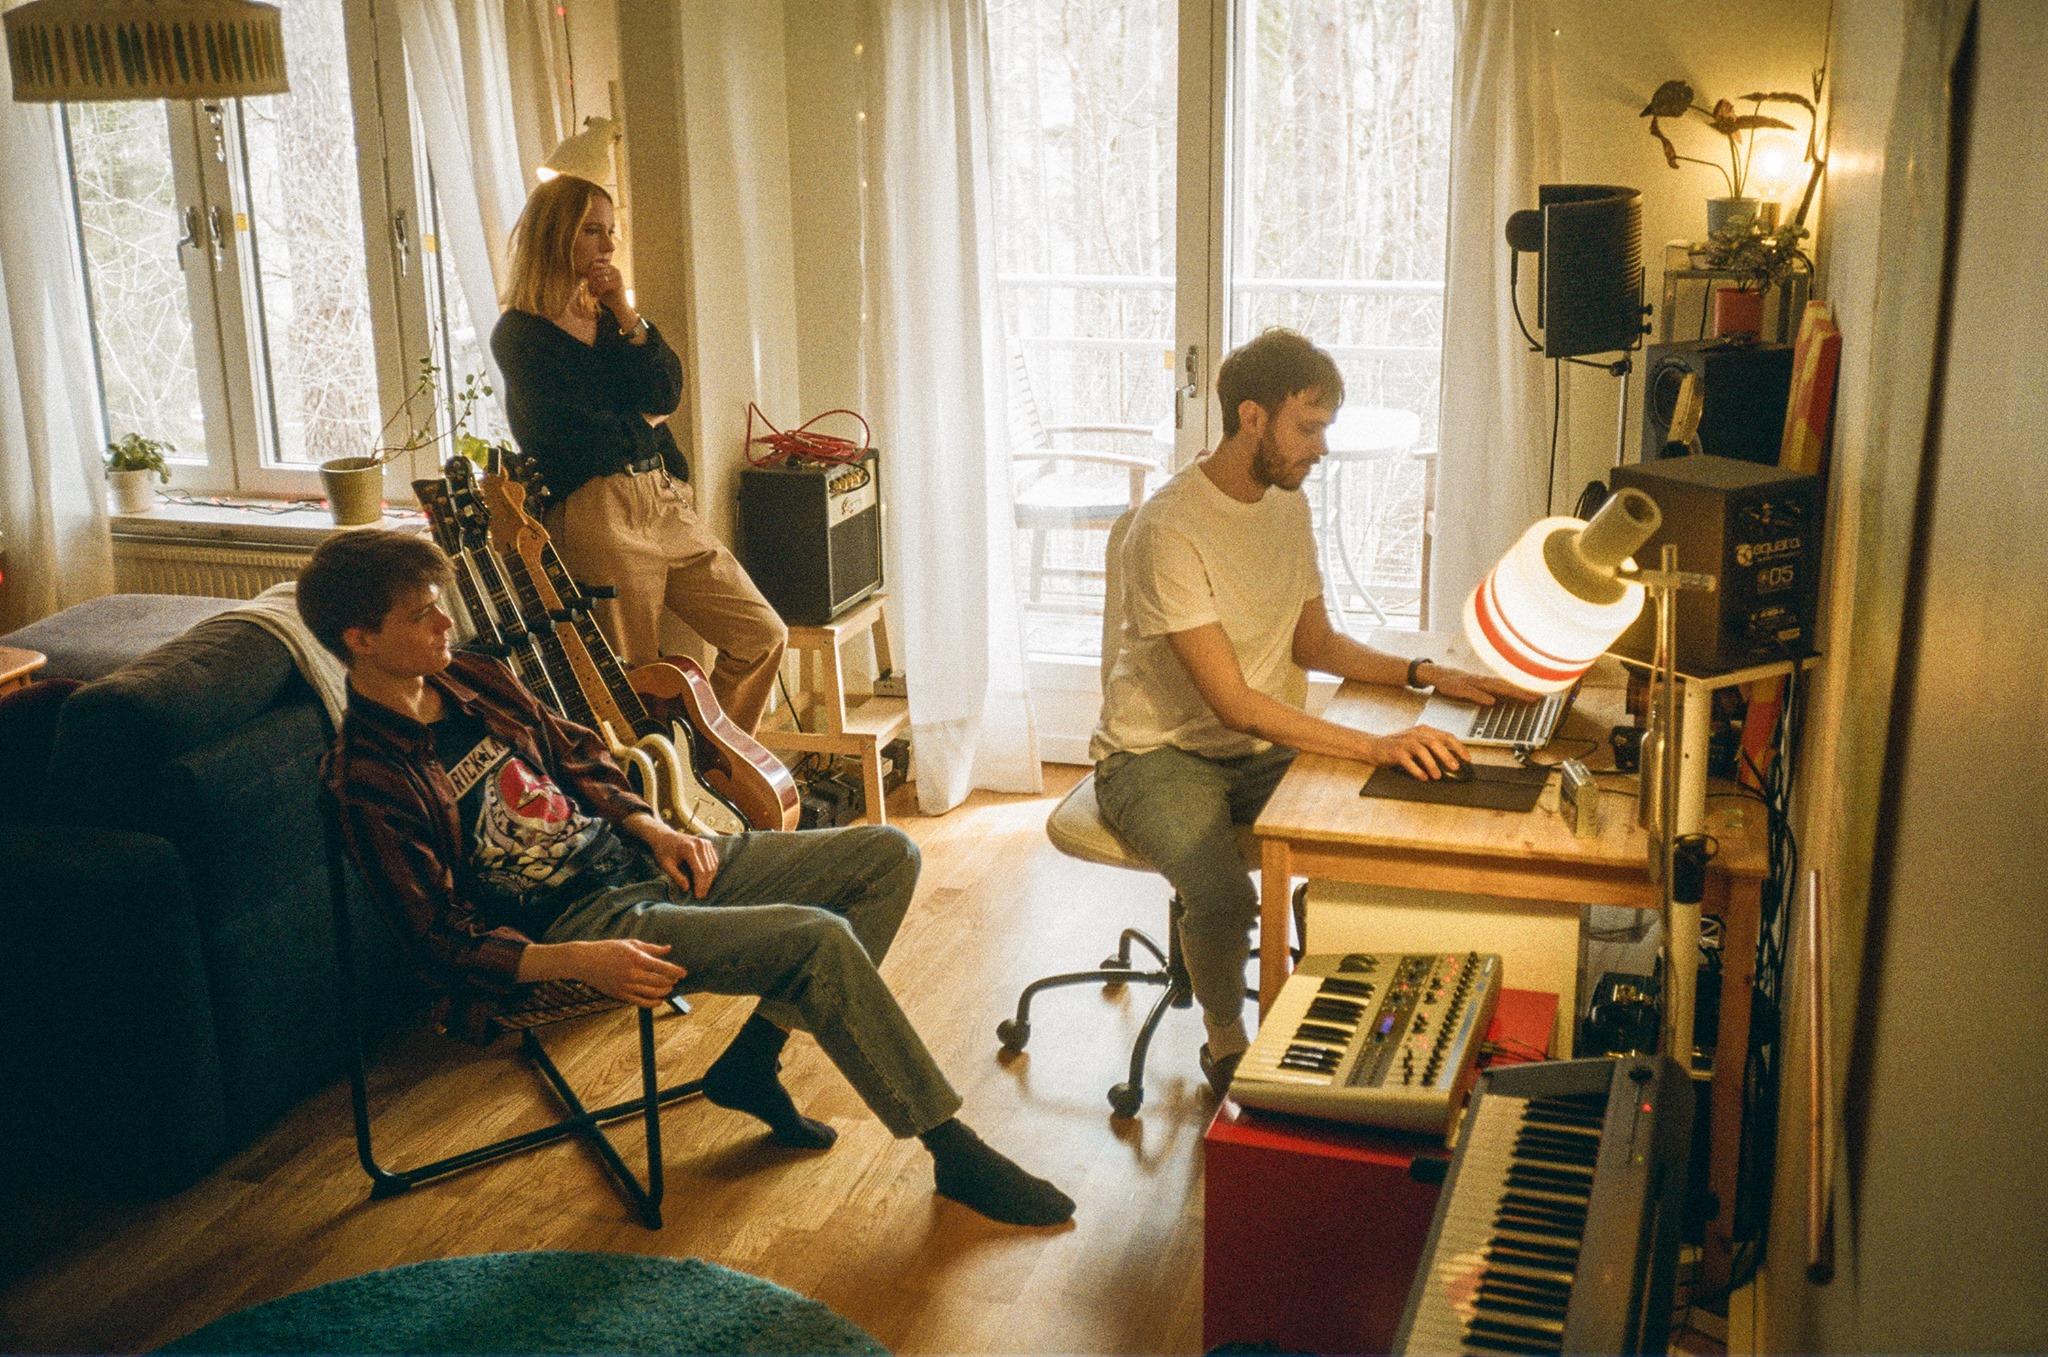 kone mara - sweden - indie - indie music - indie rock - new music - music blog - wolf in a suit - wolfinasuit - wolf in a suit blog - wolf in a suit music blog